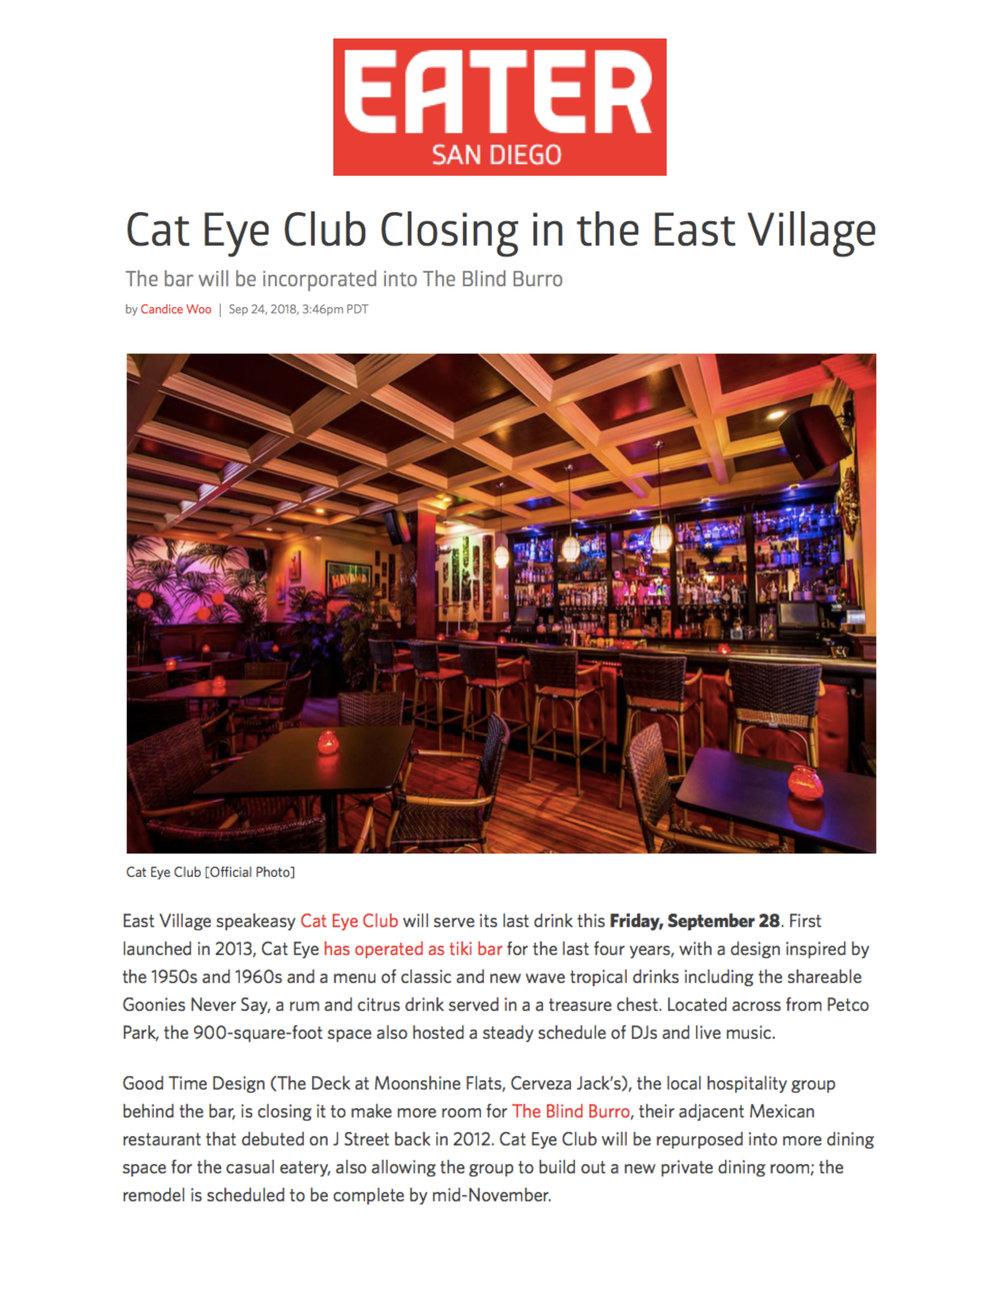 CEC_EaterSD_Closing_9.24.18.jpg